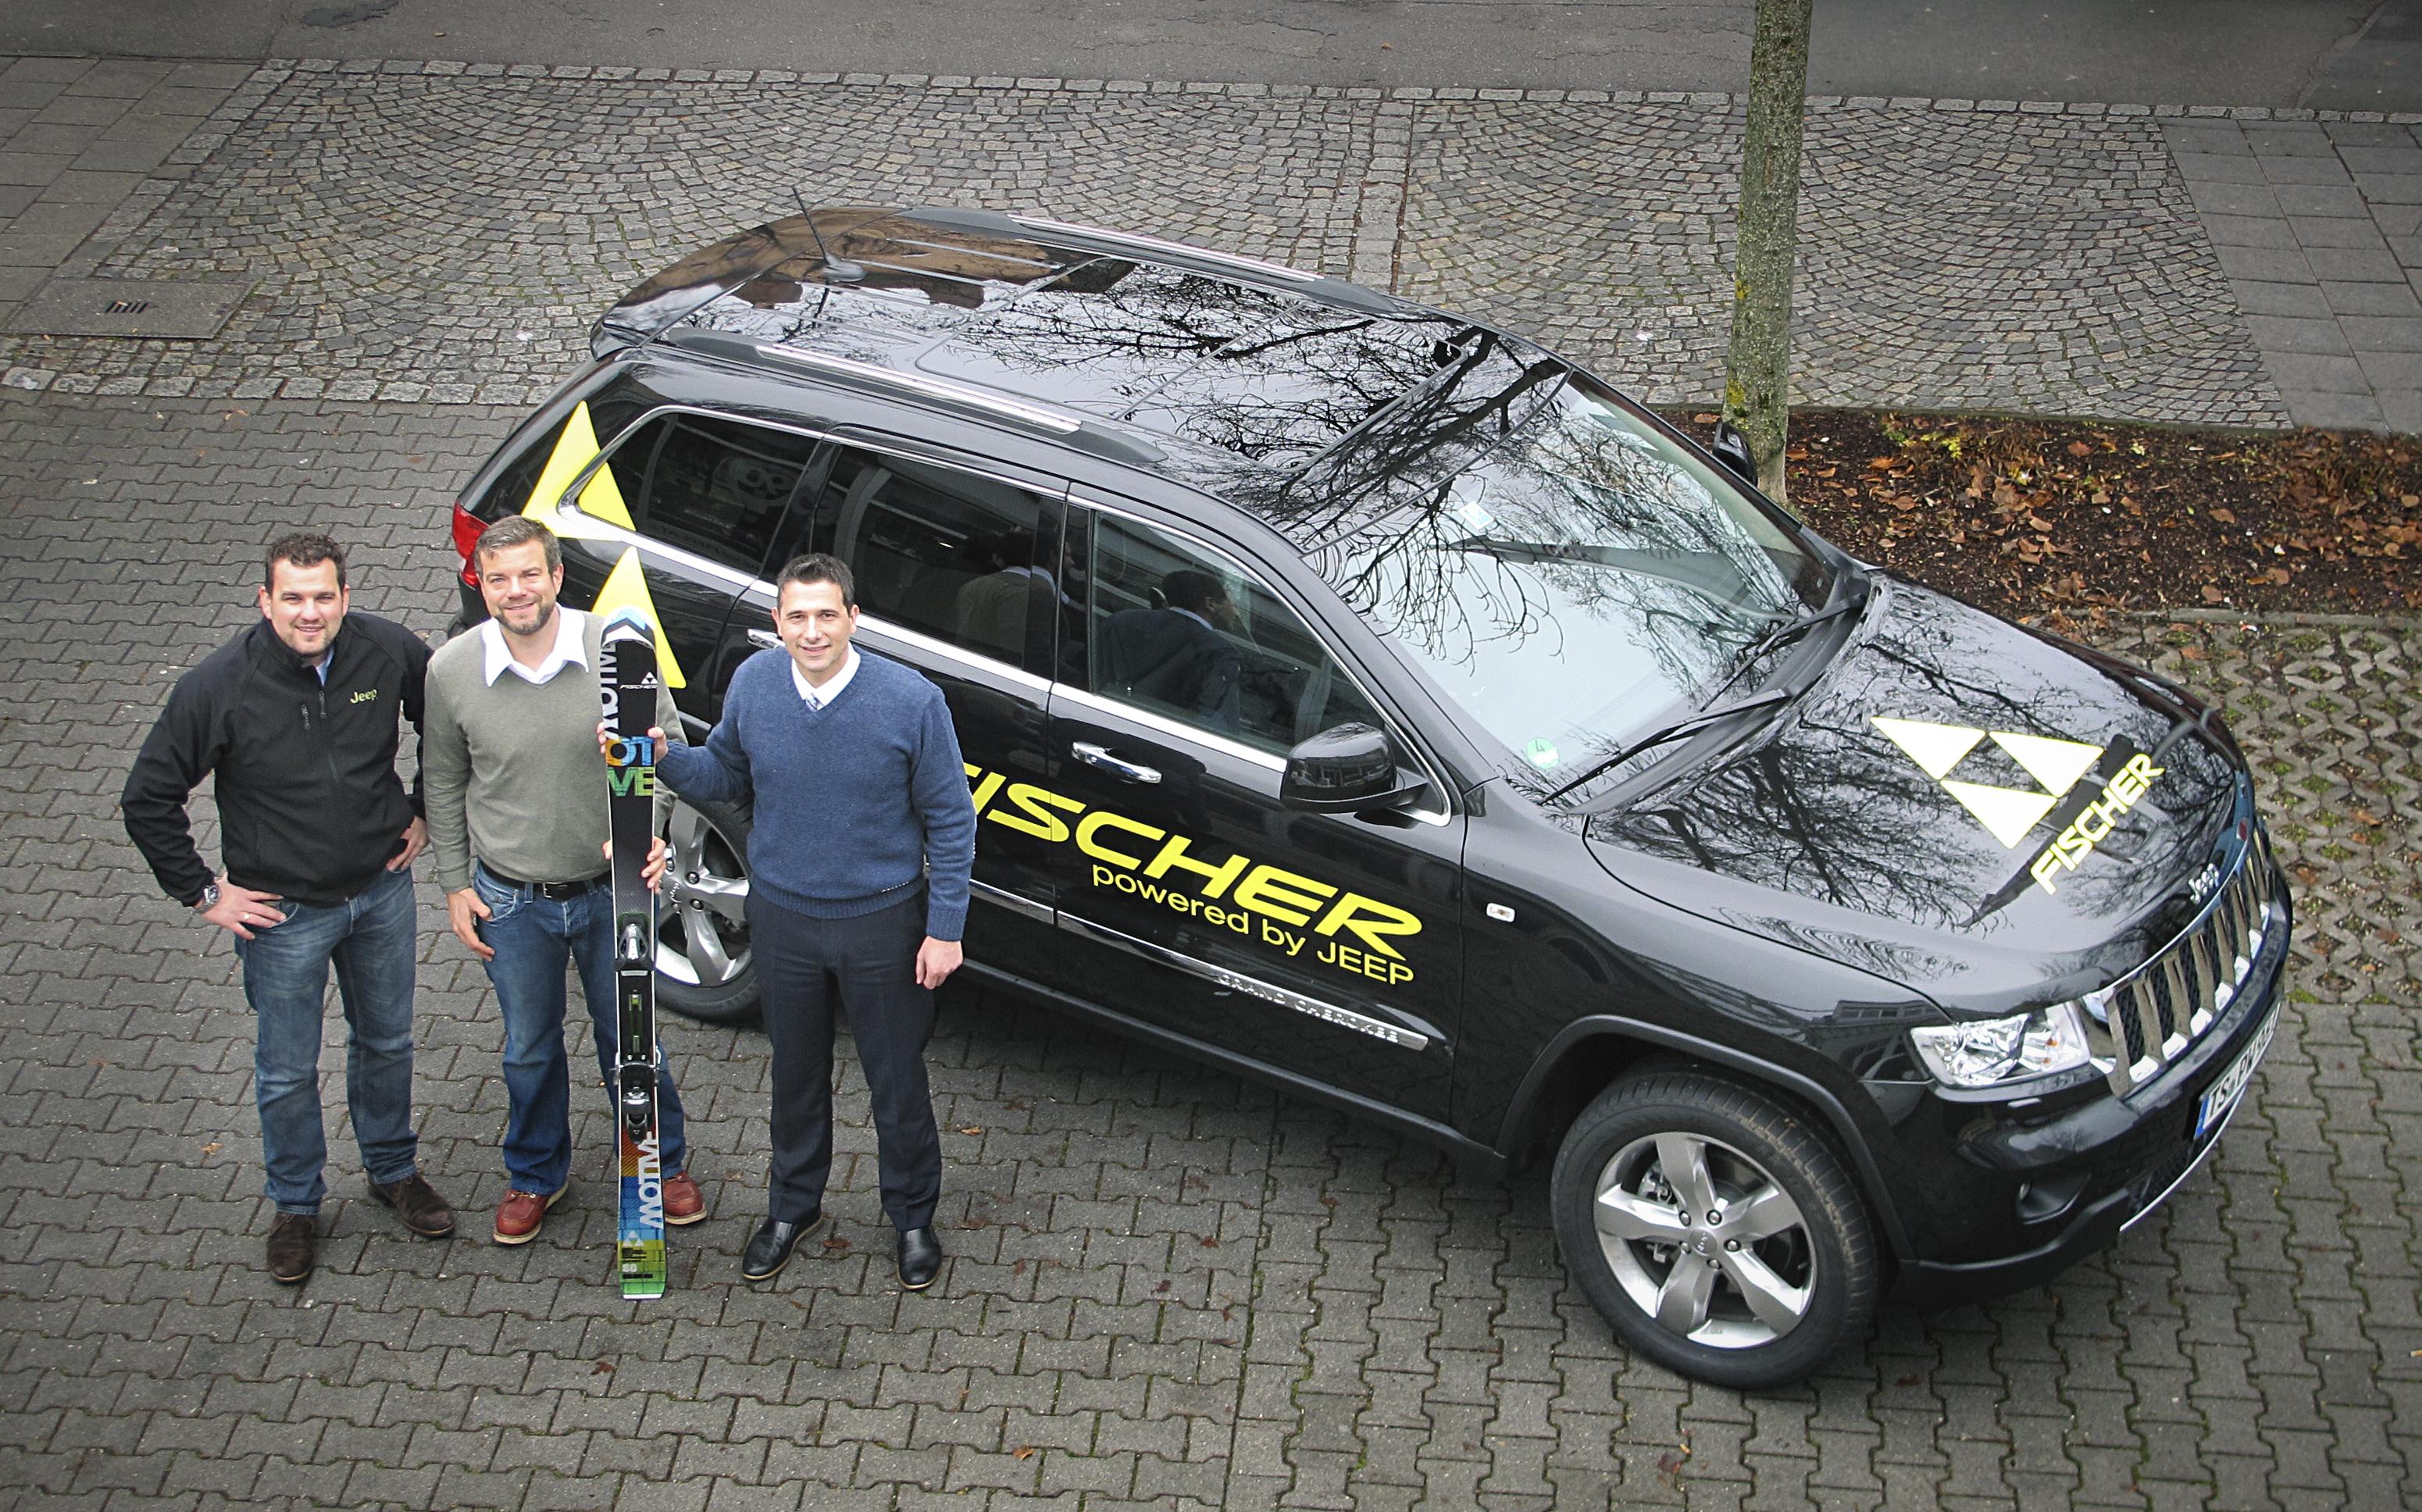 fischer sports fährt jeep - auto-medienportal